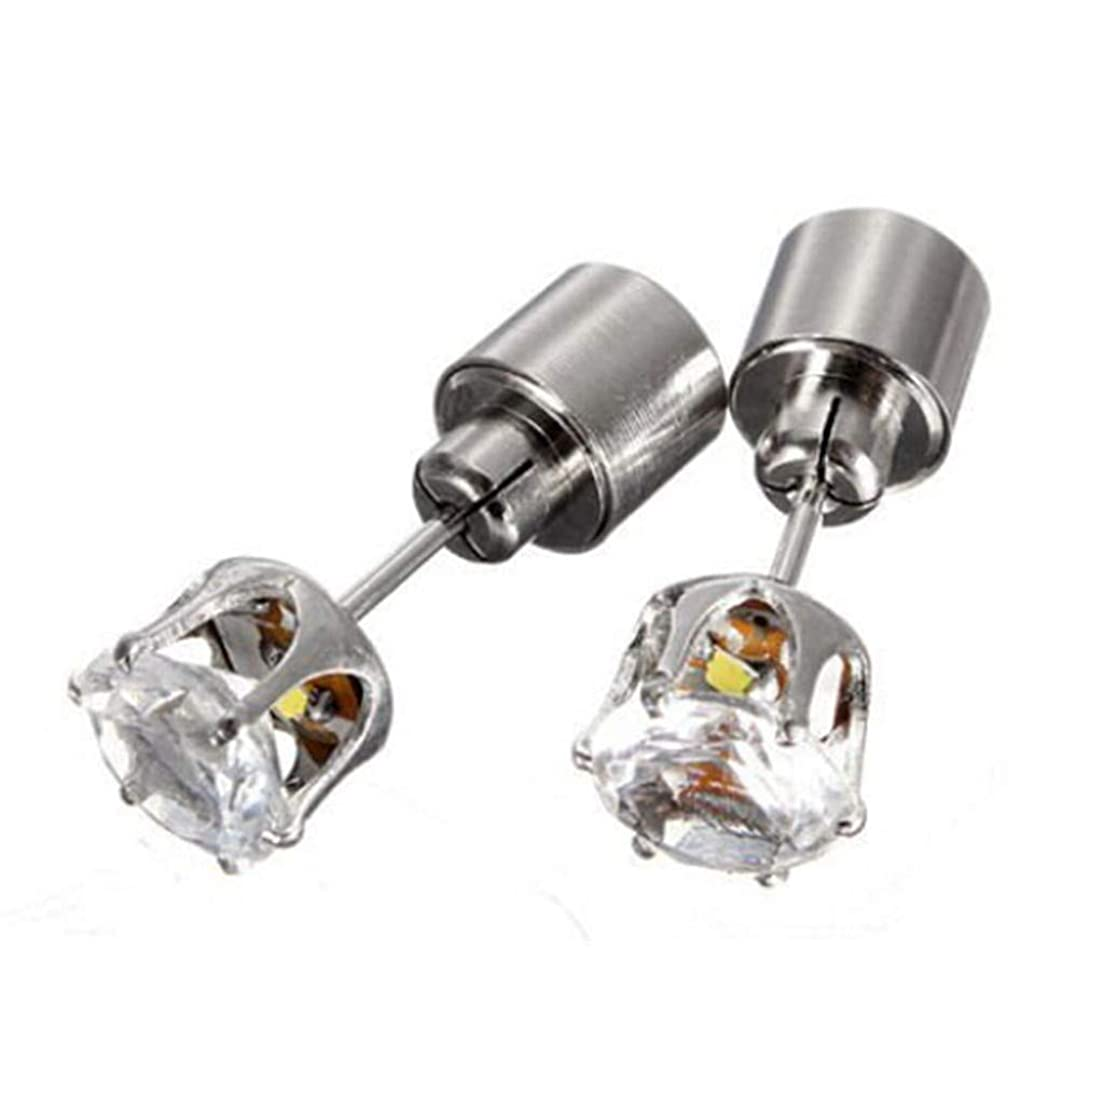 アリスけん引伝染性のOSMNICE LEDイヤリングスタッド輝く点滅ステンレス鋼イヤリングスタッド ファッションスタッドピアス敏感な耳のための低刺激性